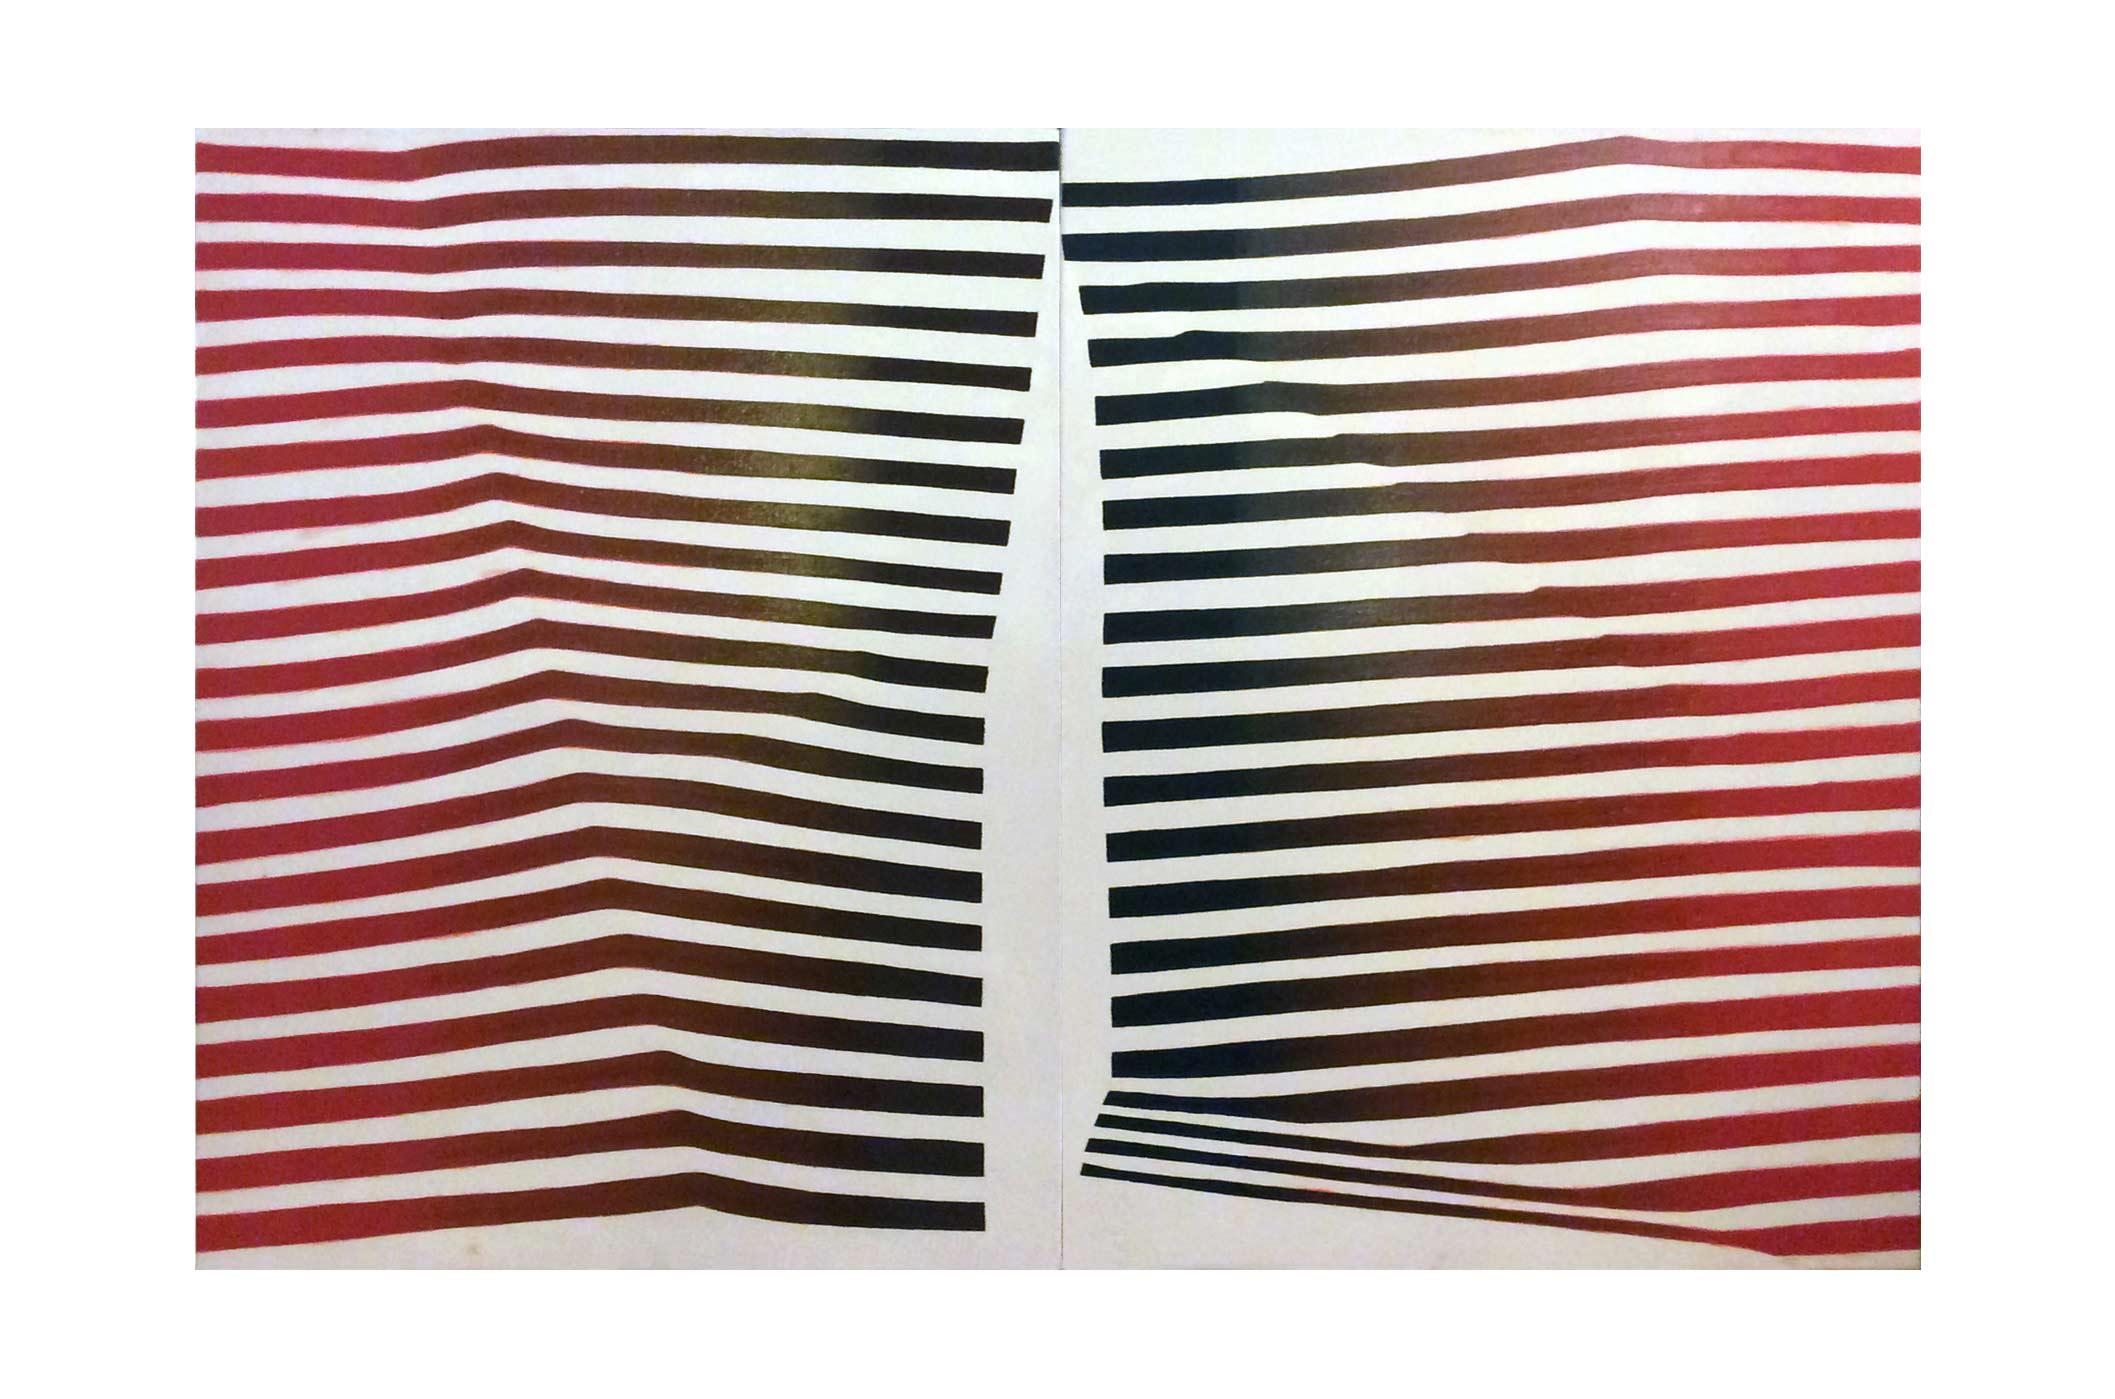 acrylique sur toile 120 x 90 cm